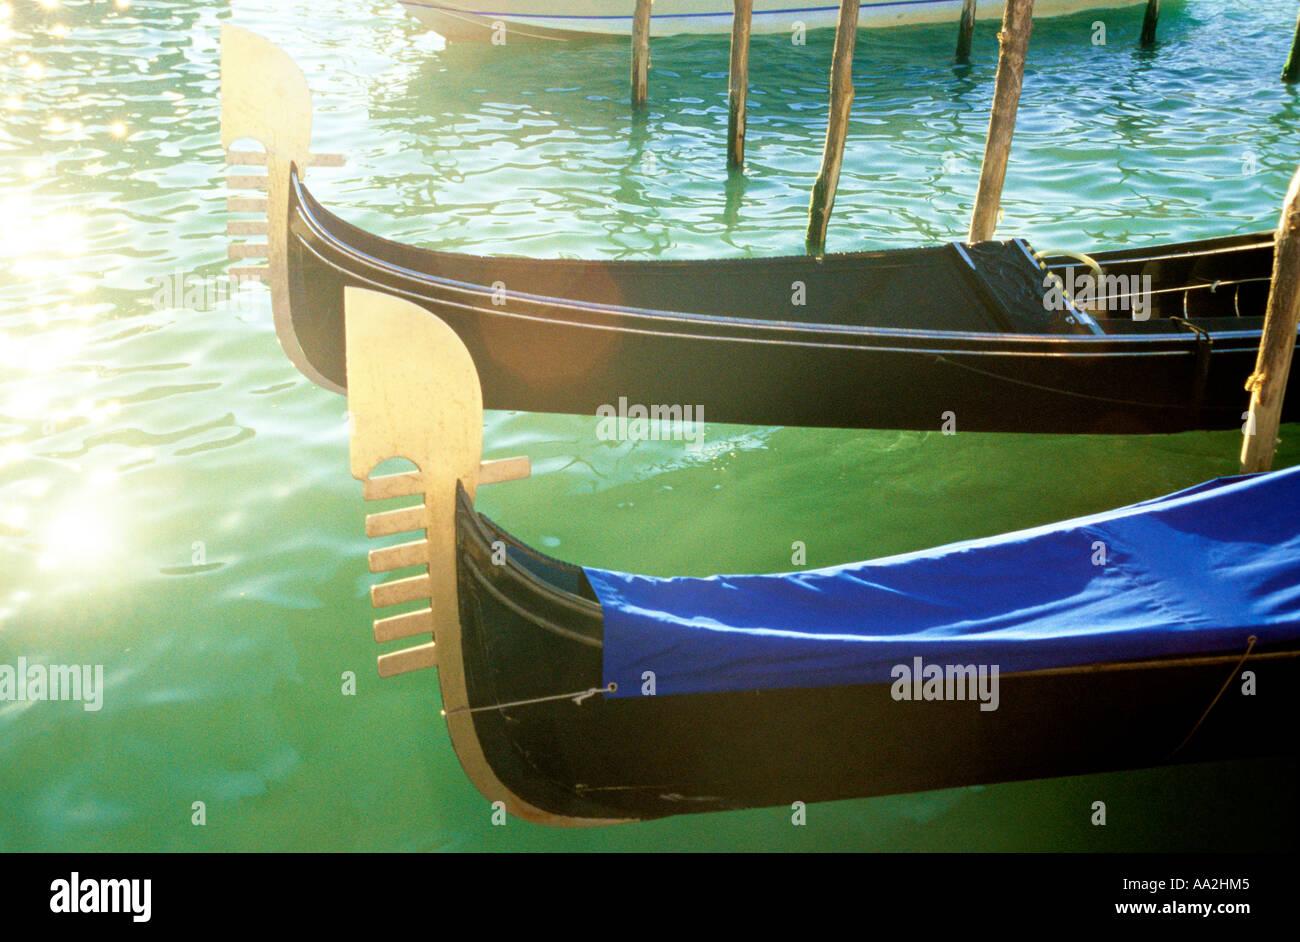 Italia, Venecia, góndolas de Sun sobre la superficie del agua Canale Grande Grand Canal, tallada prows de góndolas amarradas por canal Foto de stock